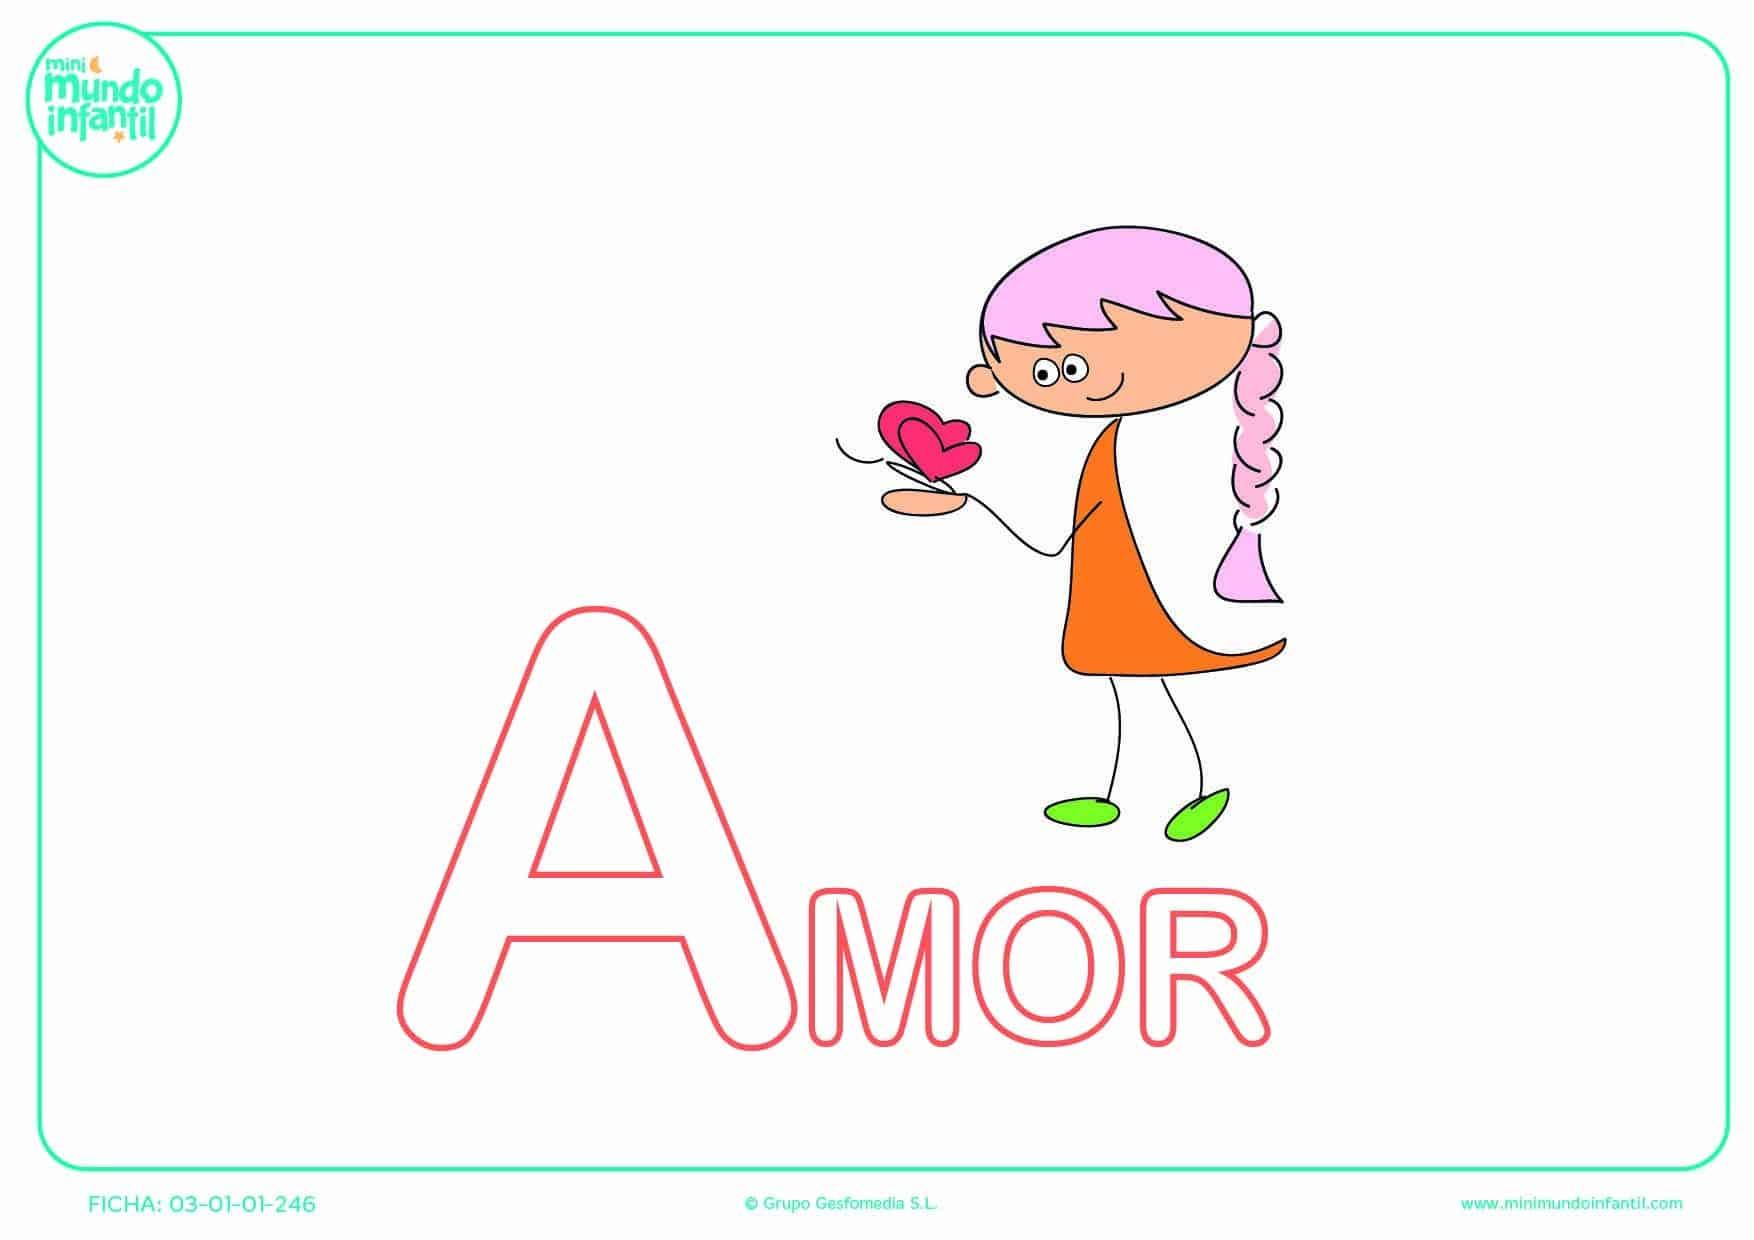 Colorear la letra A mayúscula de amor